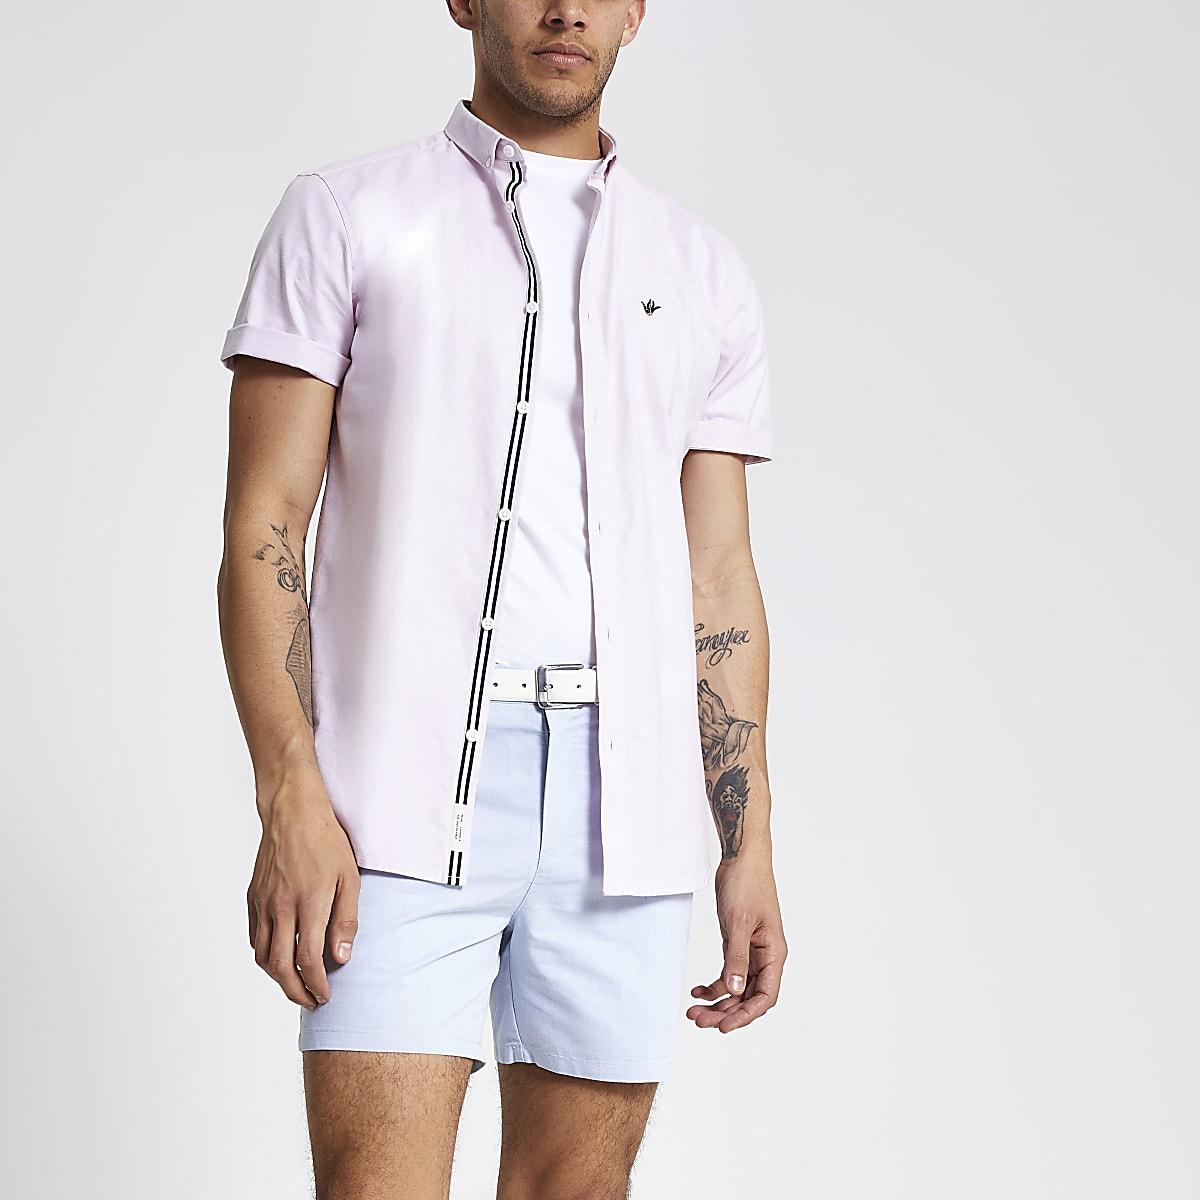 Roze Overhemd Heren Korte Mouw.Roze Oxford Overhemd Met Korte Mouwen Overhemden Met Korte Mouwen